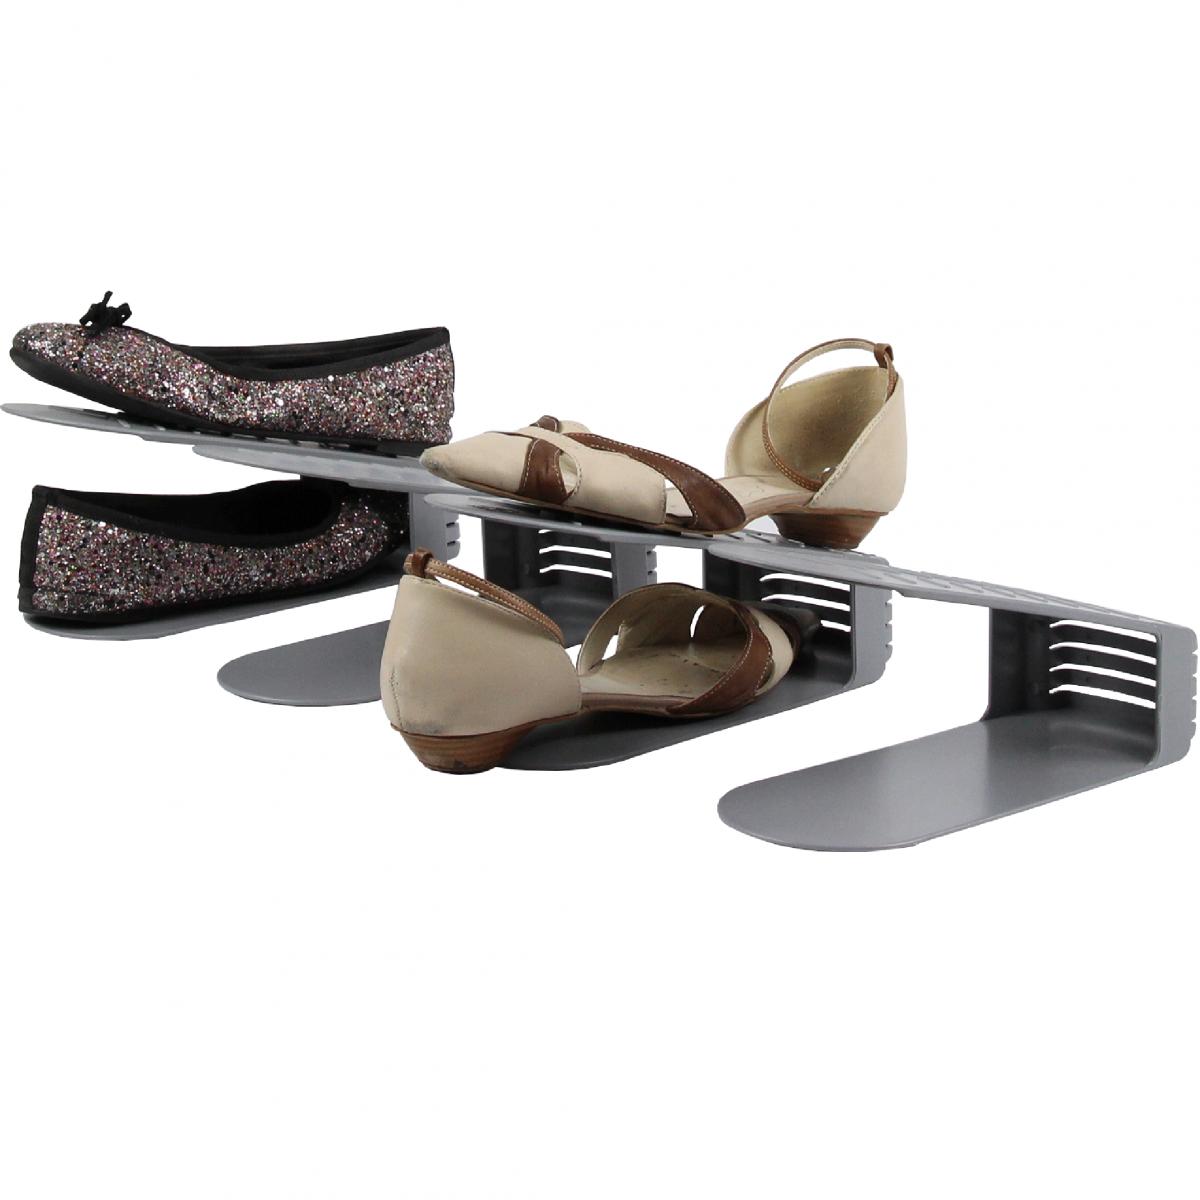 Range chaussures en plastique lot de 4 - Range chaussures coulissant dressing ...